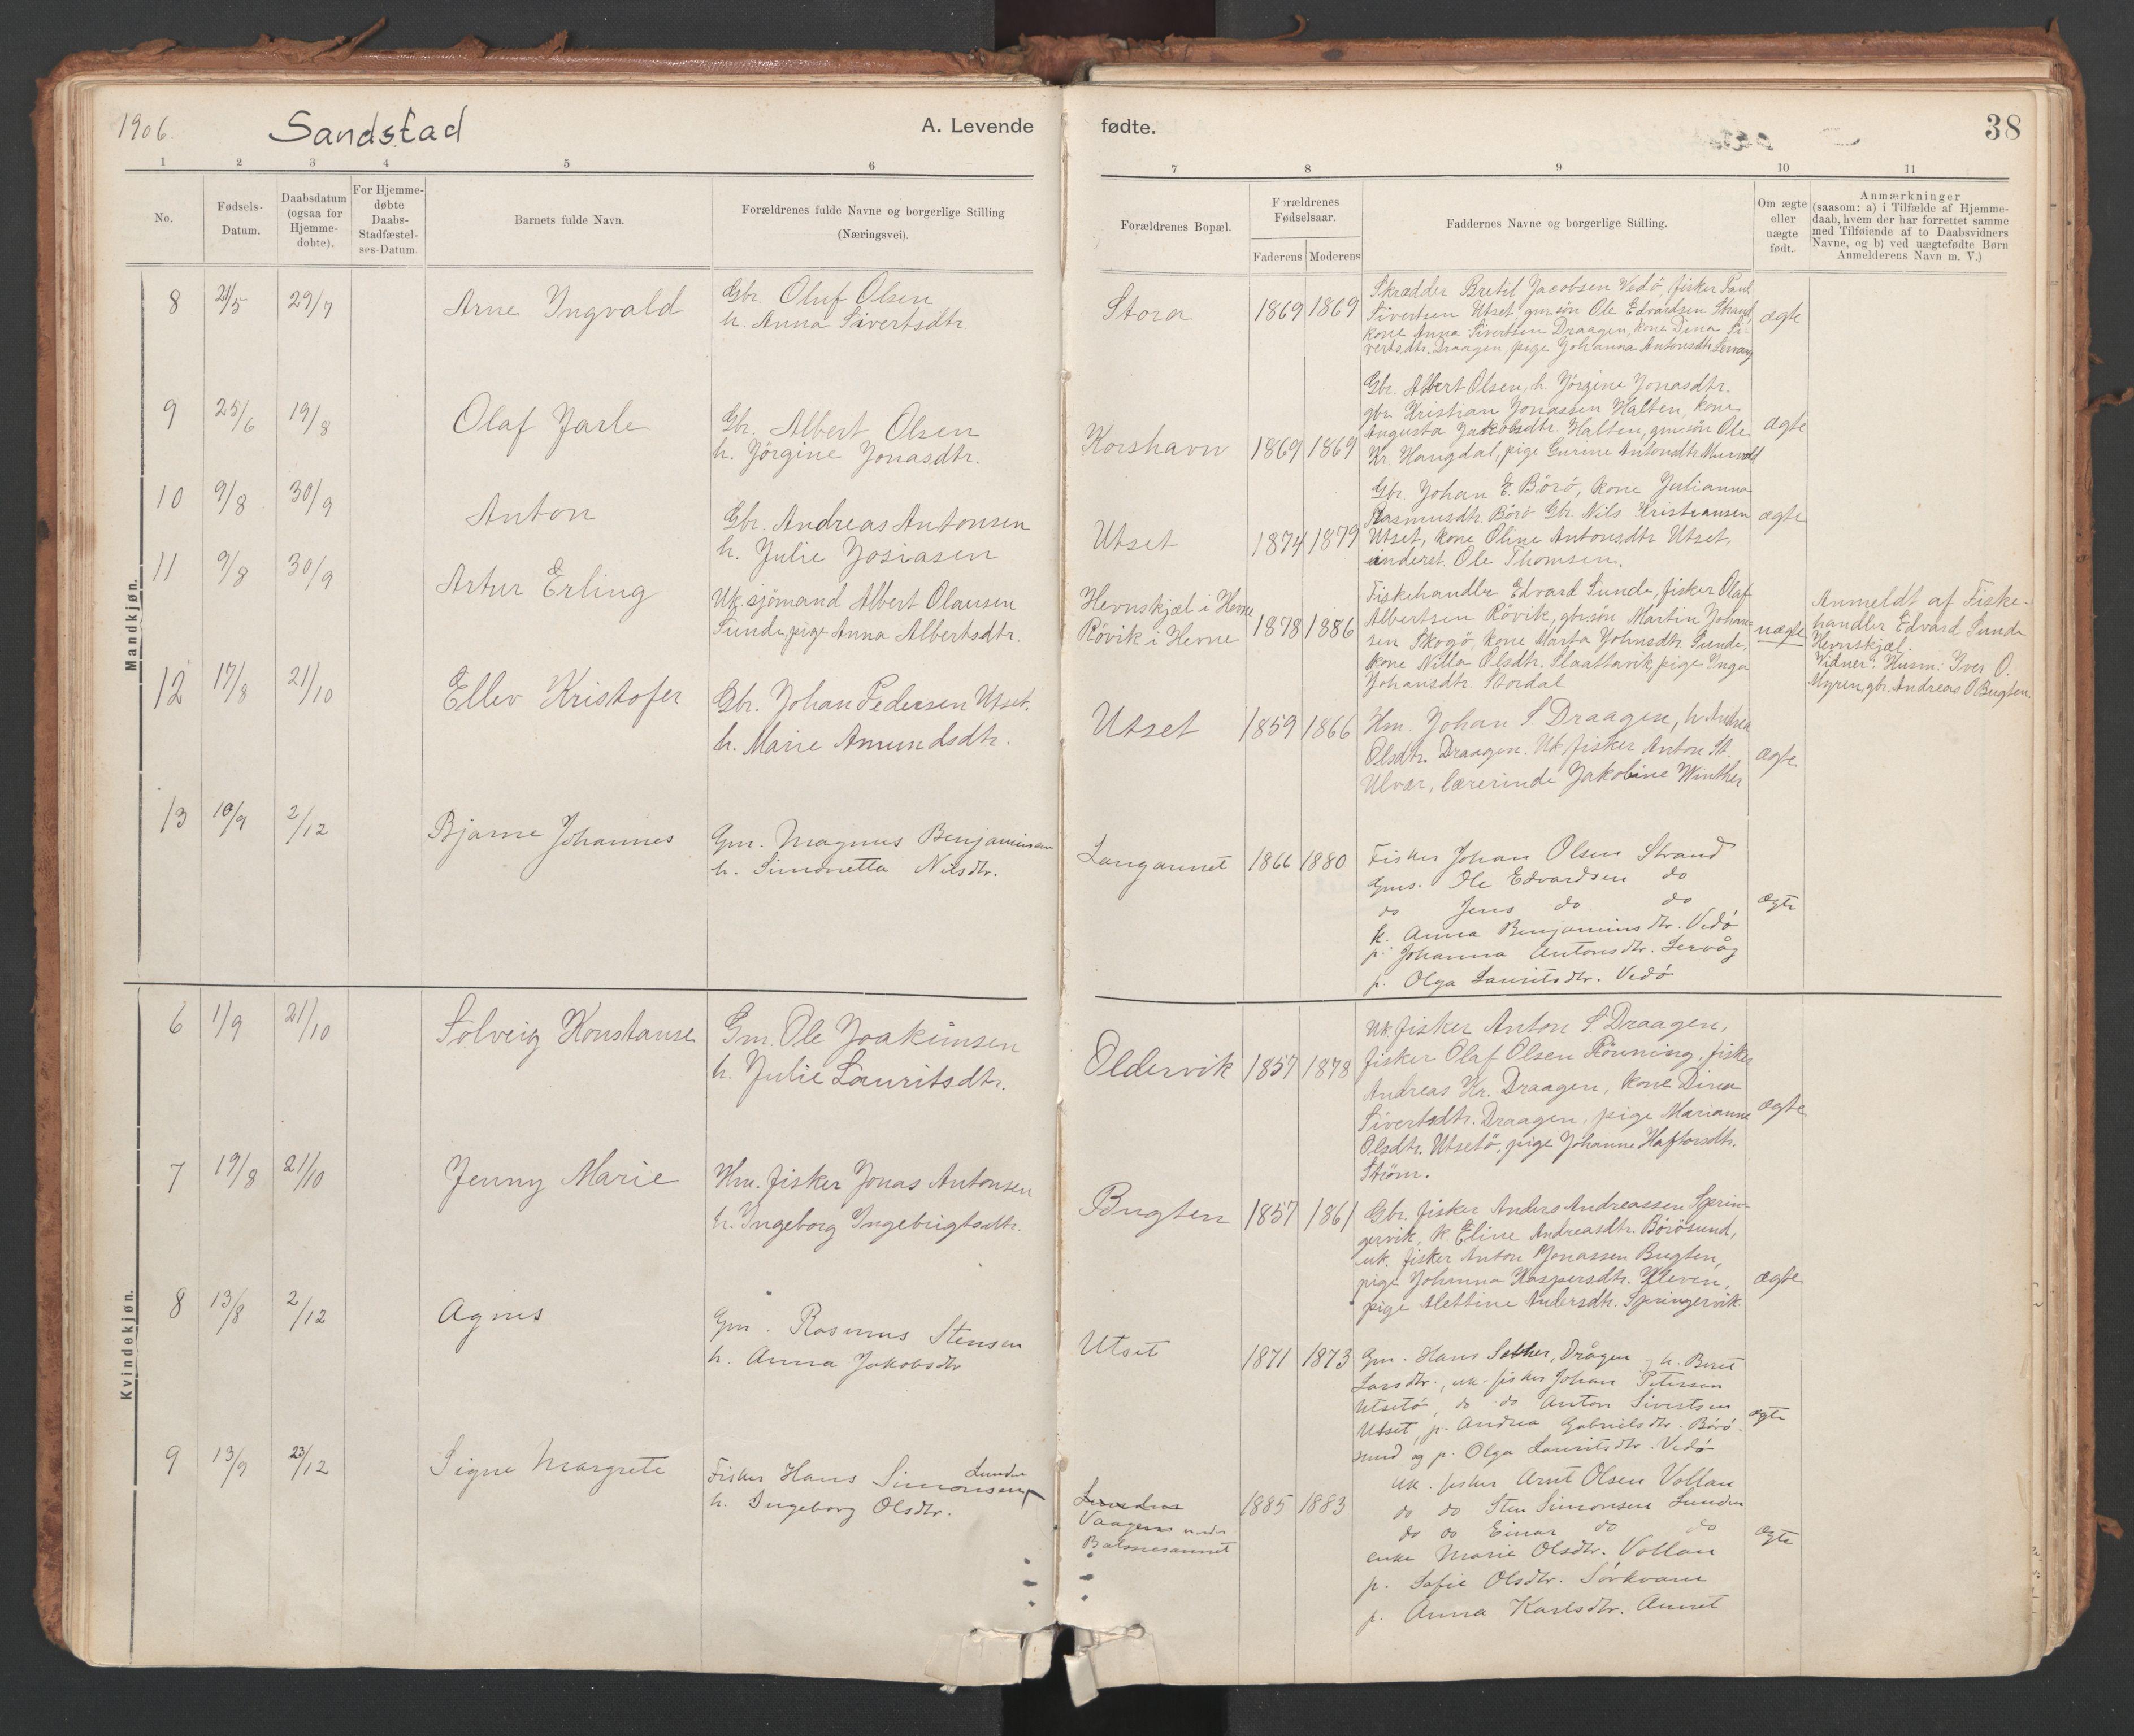 SAT, Ministerialprotokoller, klokkerbøker og fødselsregistre - Sør-Trøndelag, 639/L0572: Ministerialbok nr. 639A01, 1890-1920, s. 38